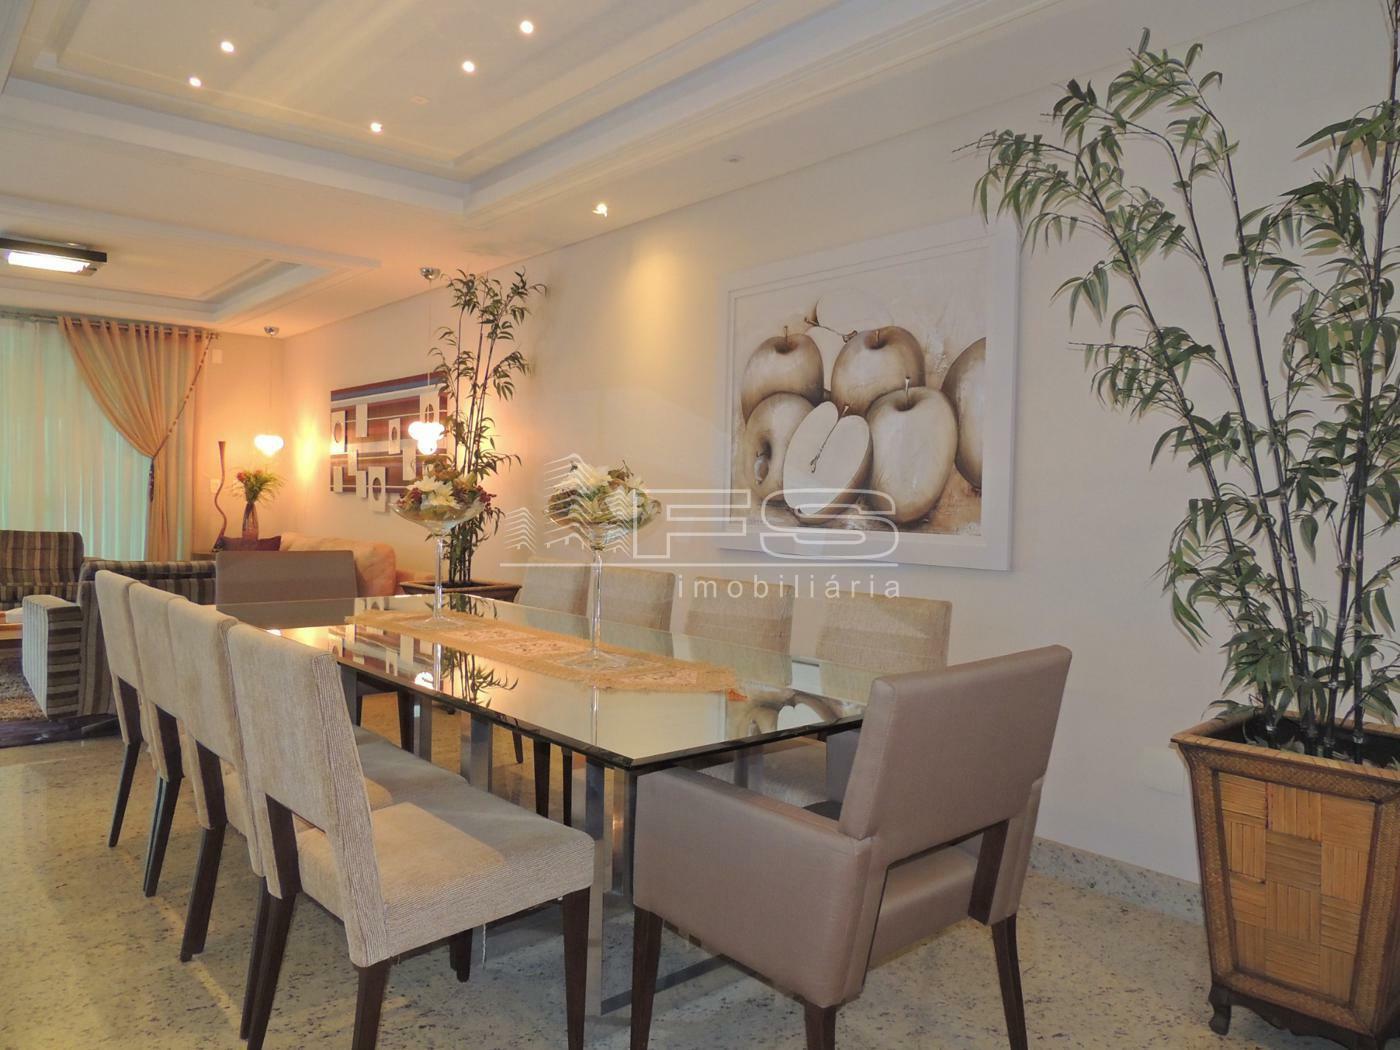 Apartamento com 4 Dormitórios à venda, 352 m² por R$ 5.000.000,00